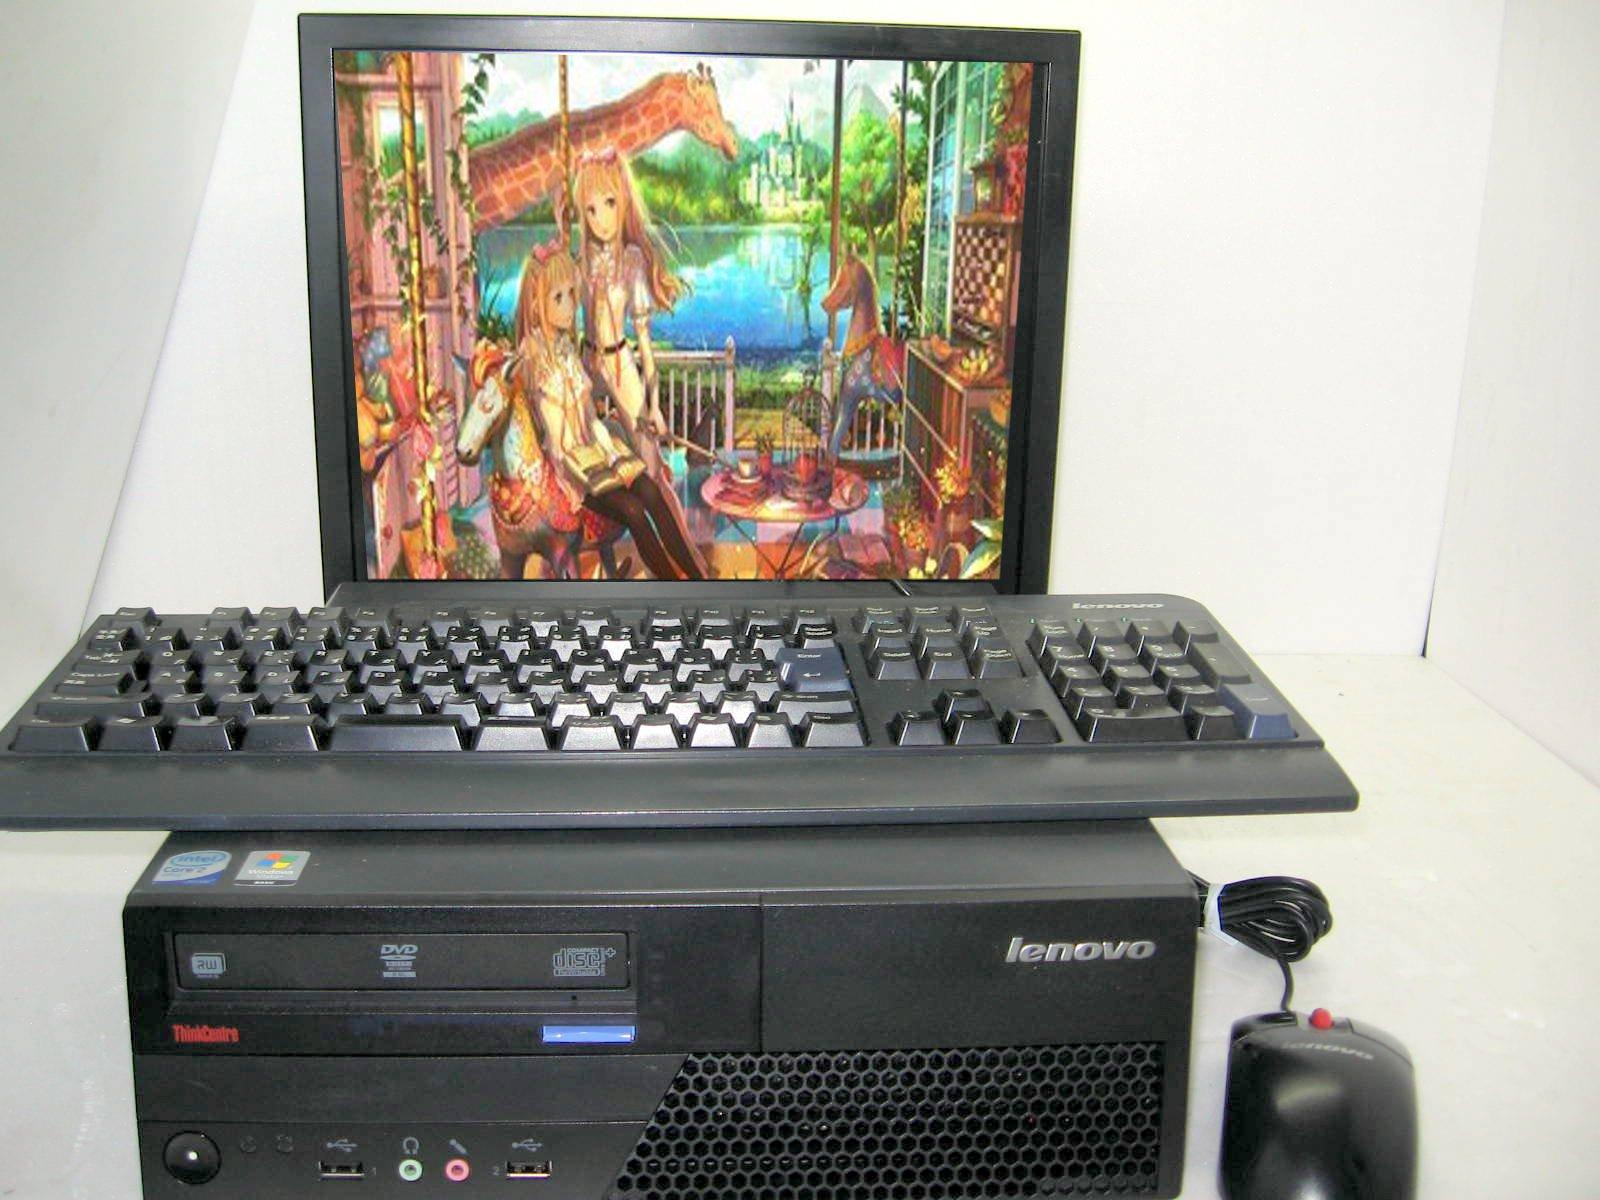 レノボ/IBM M58p C2D 3.16GHz 2GB 160GB マルチ 【中古】【送料無料】【NEWショップ】【あす楽対応】